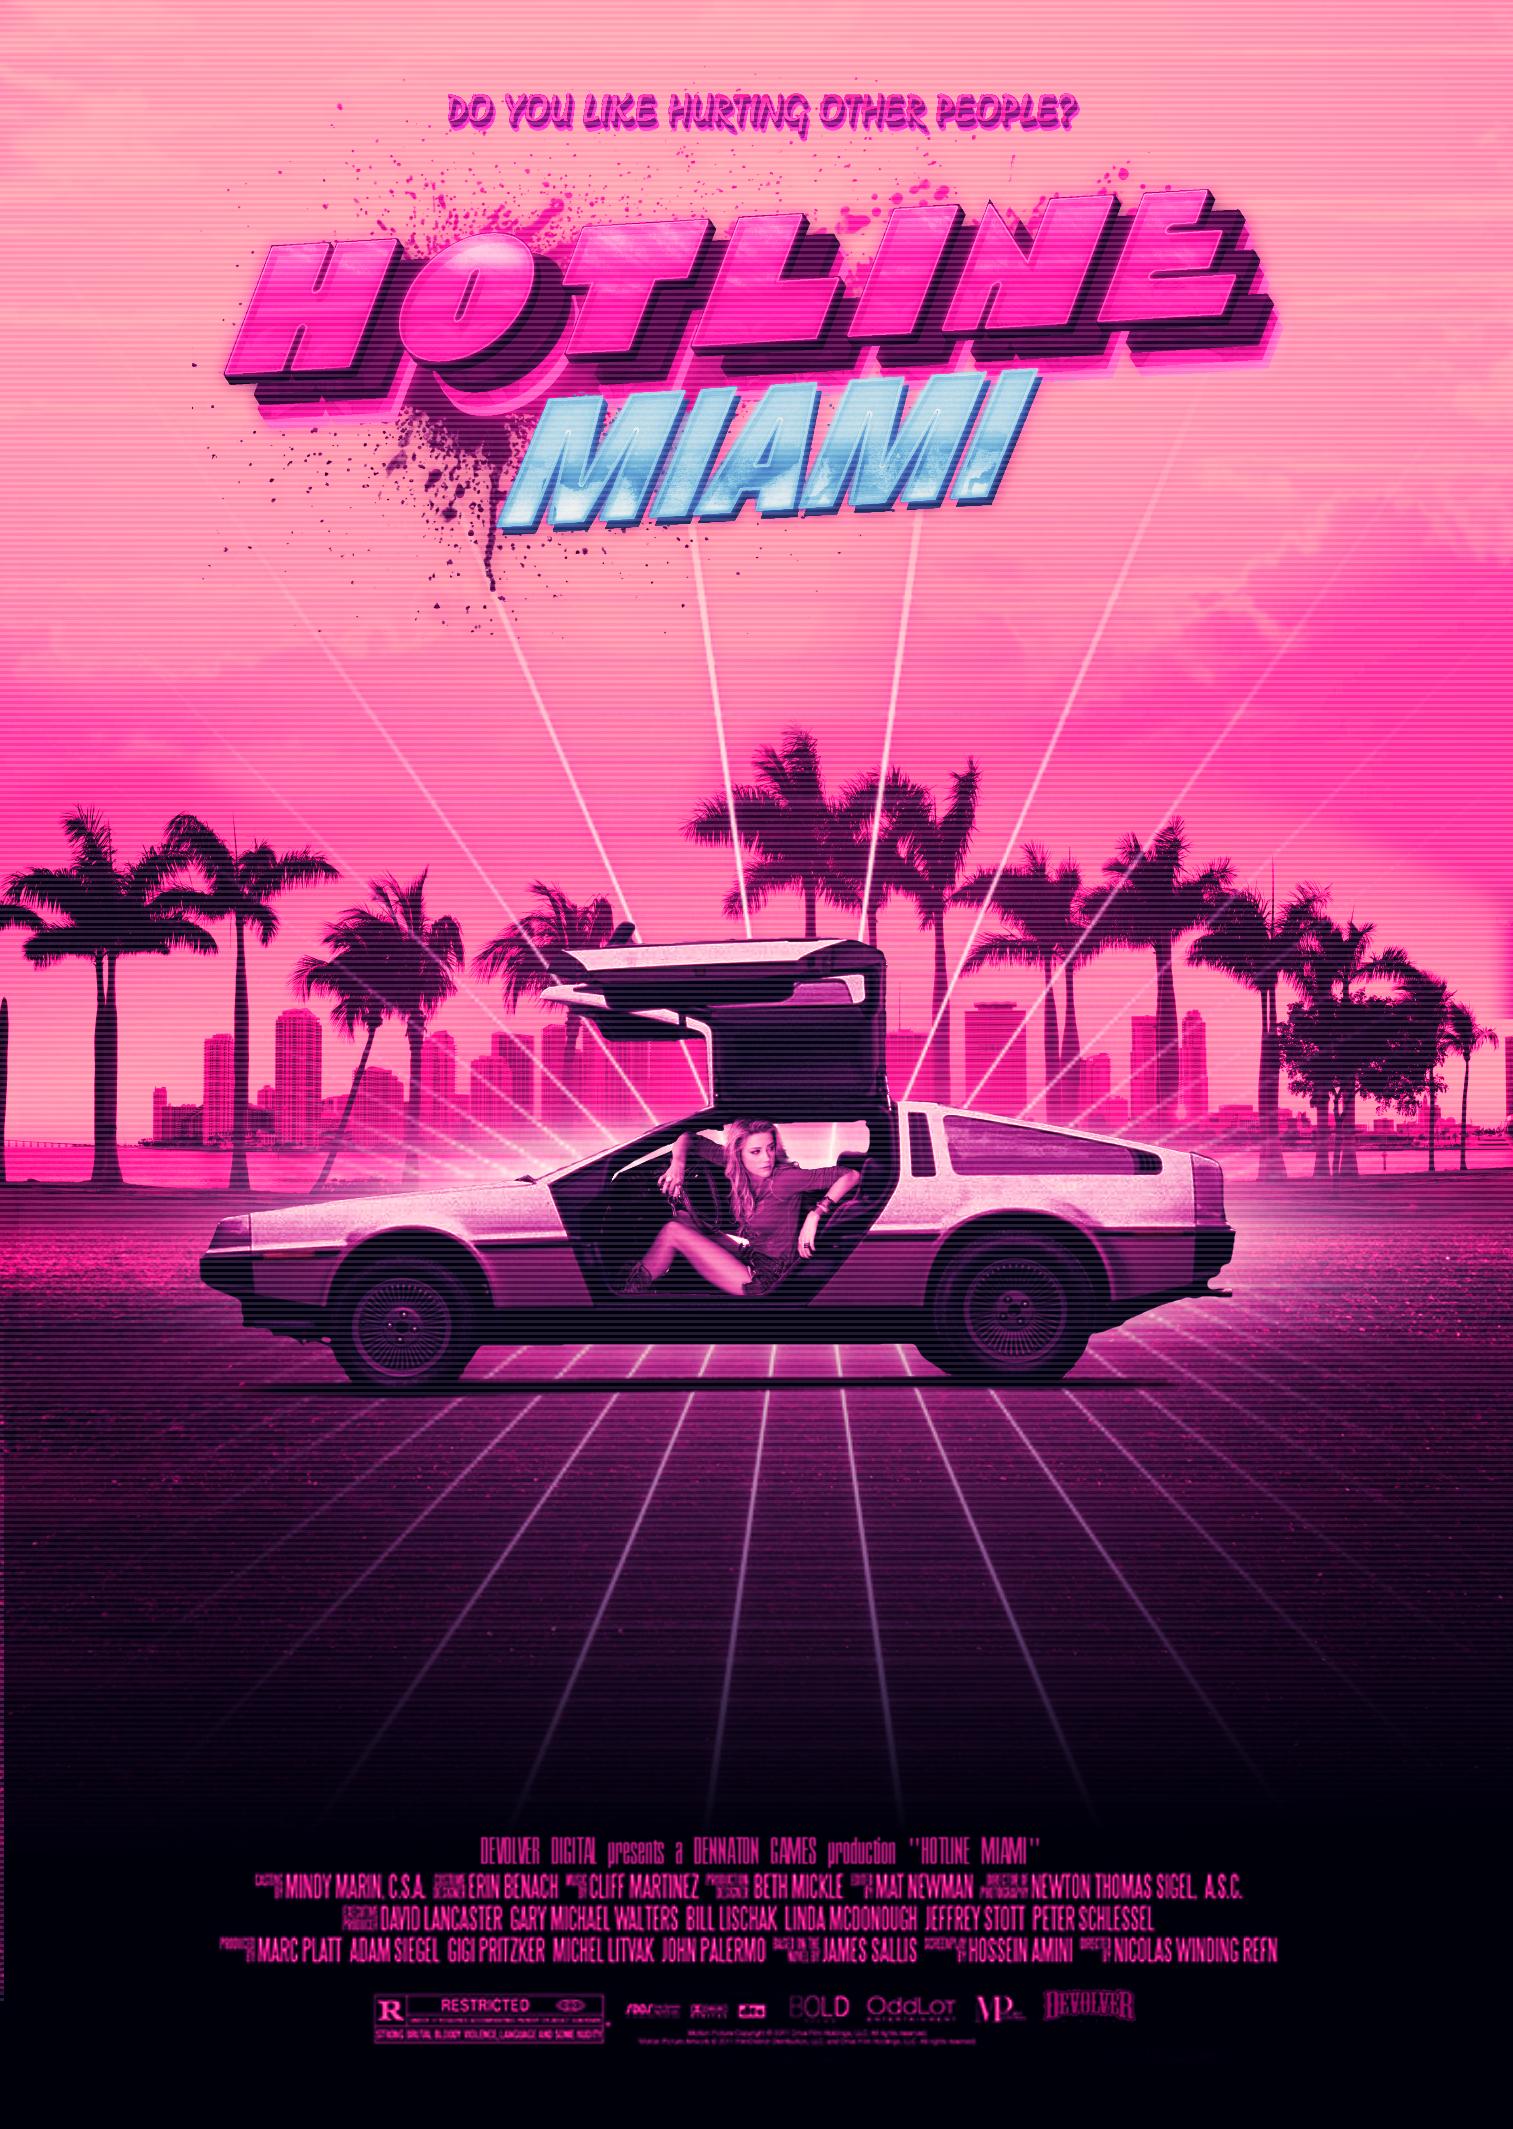 Hotline Miami Car Wallpaper Hotline Miami By Ilya95983 Deviantart Com On Deviantart